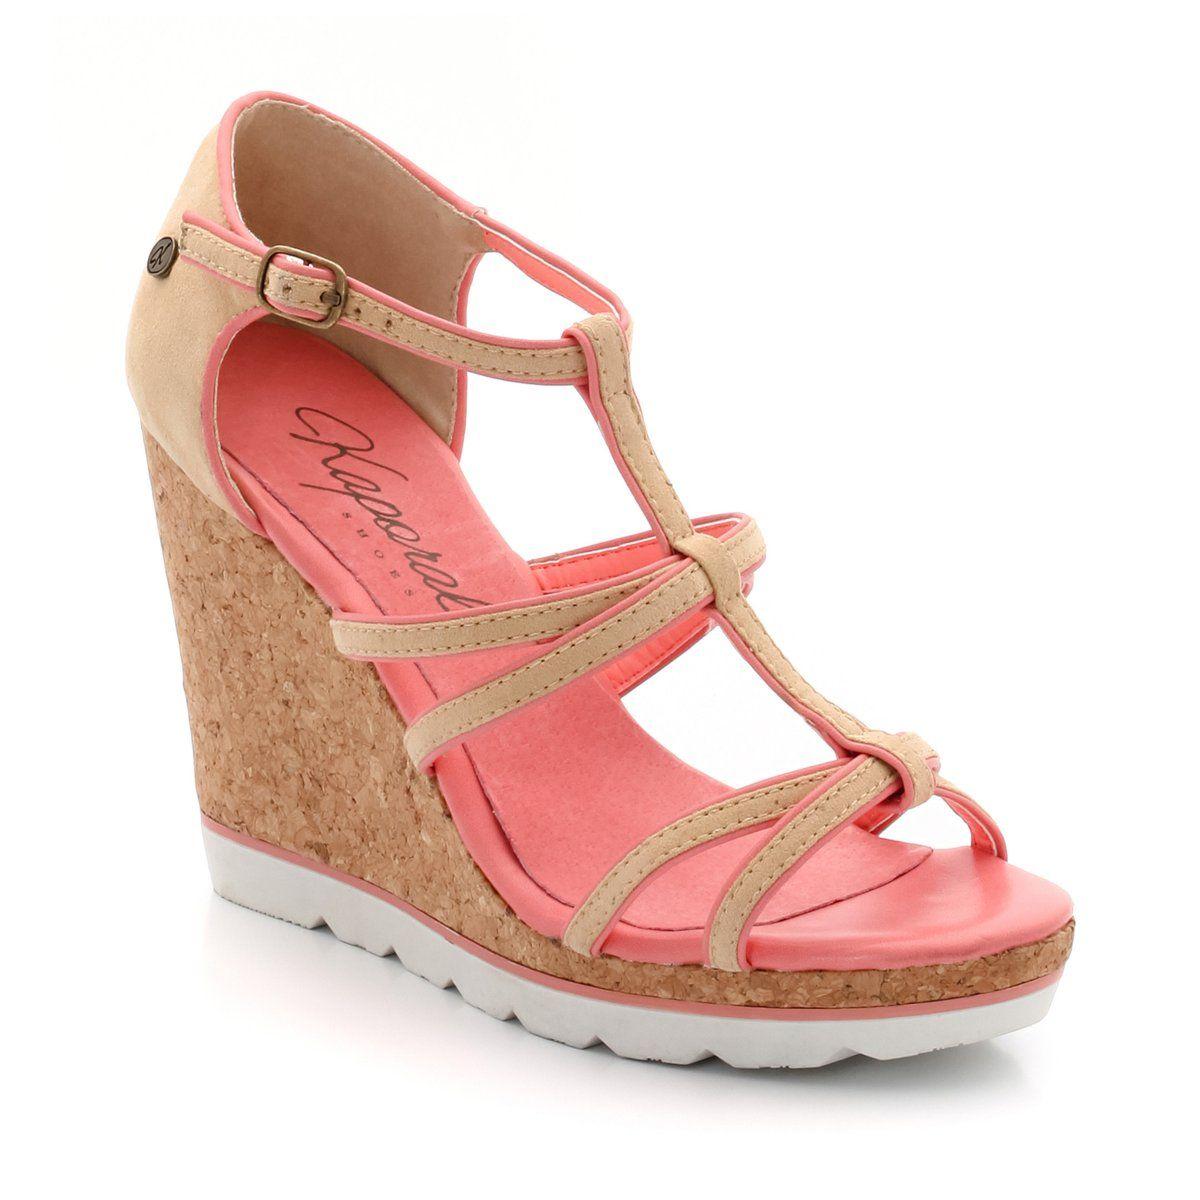 Sandálias com várias presilhas, rasto de cunha, Cassy | KAPORAL 5 | La Redoute